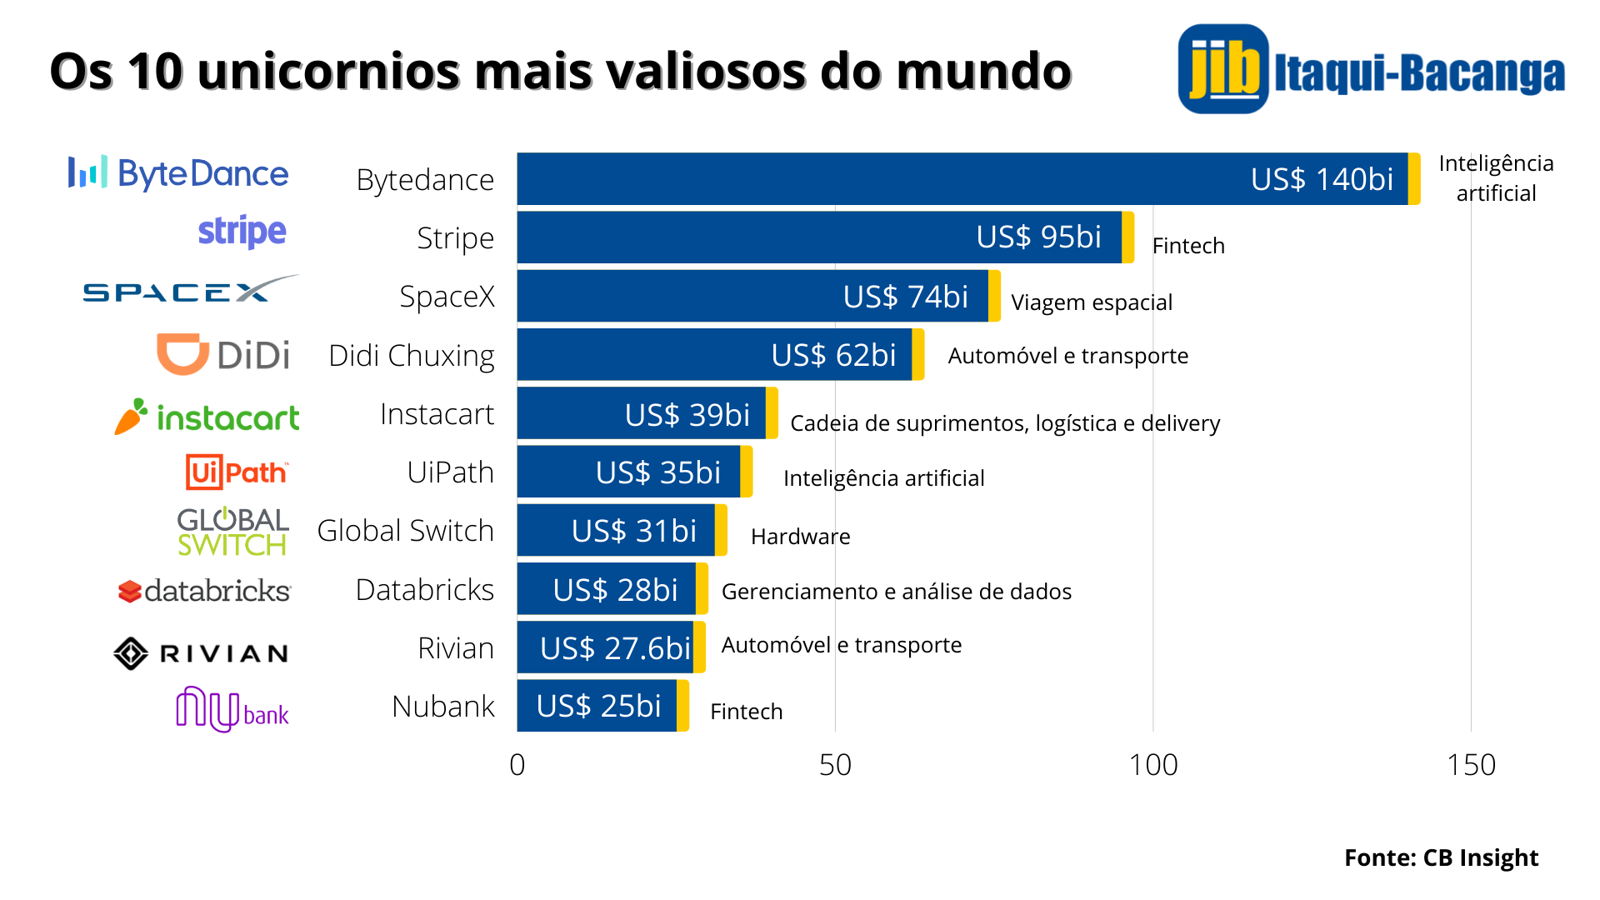 gráfico com o ranking das startups mais valiosas do mundo